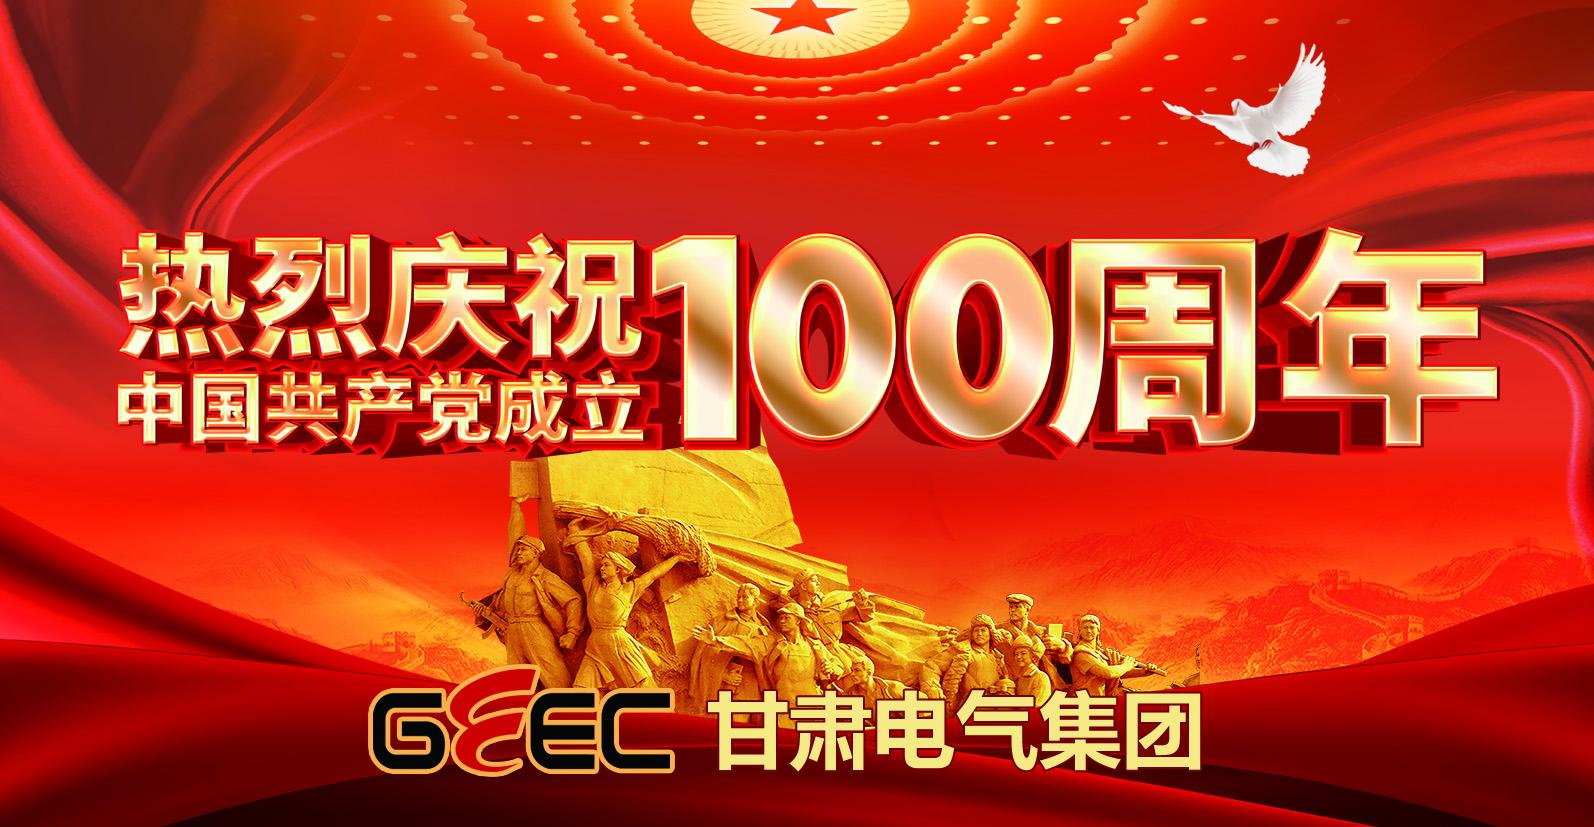 建党100年报眼.jpg